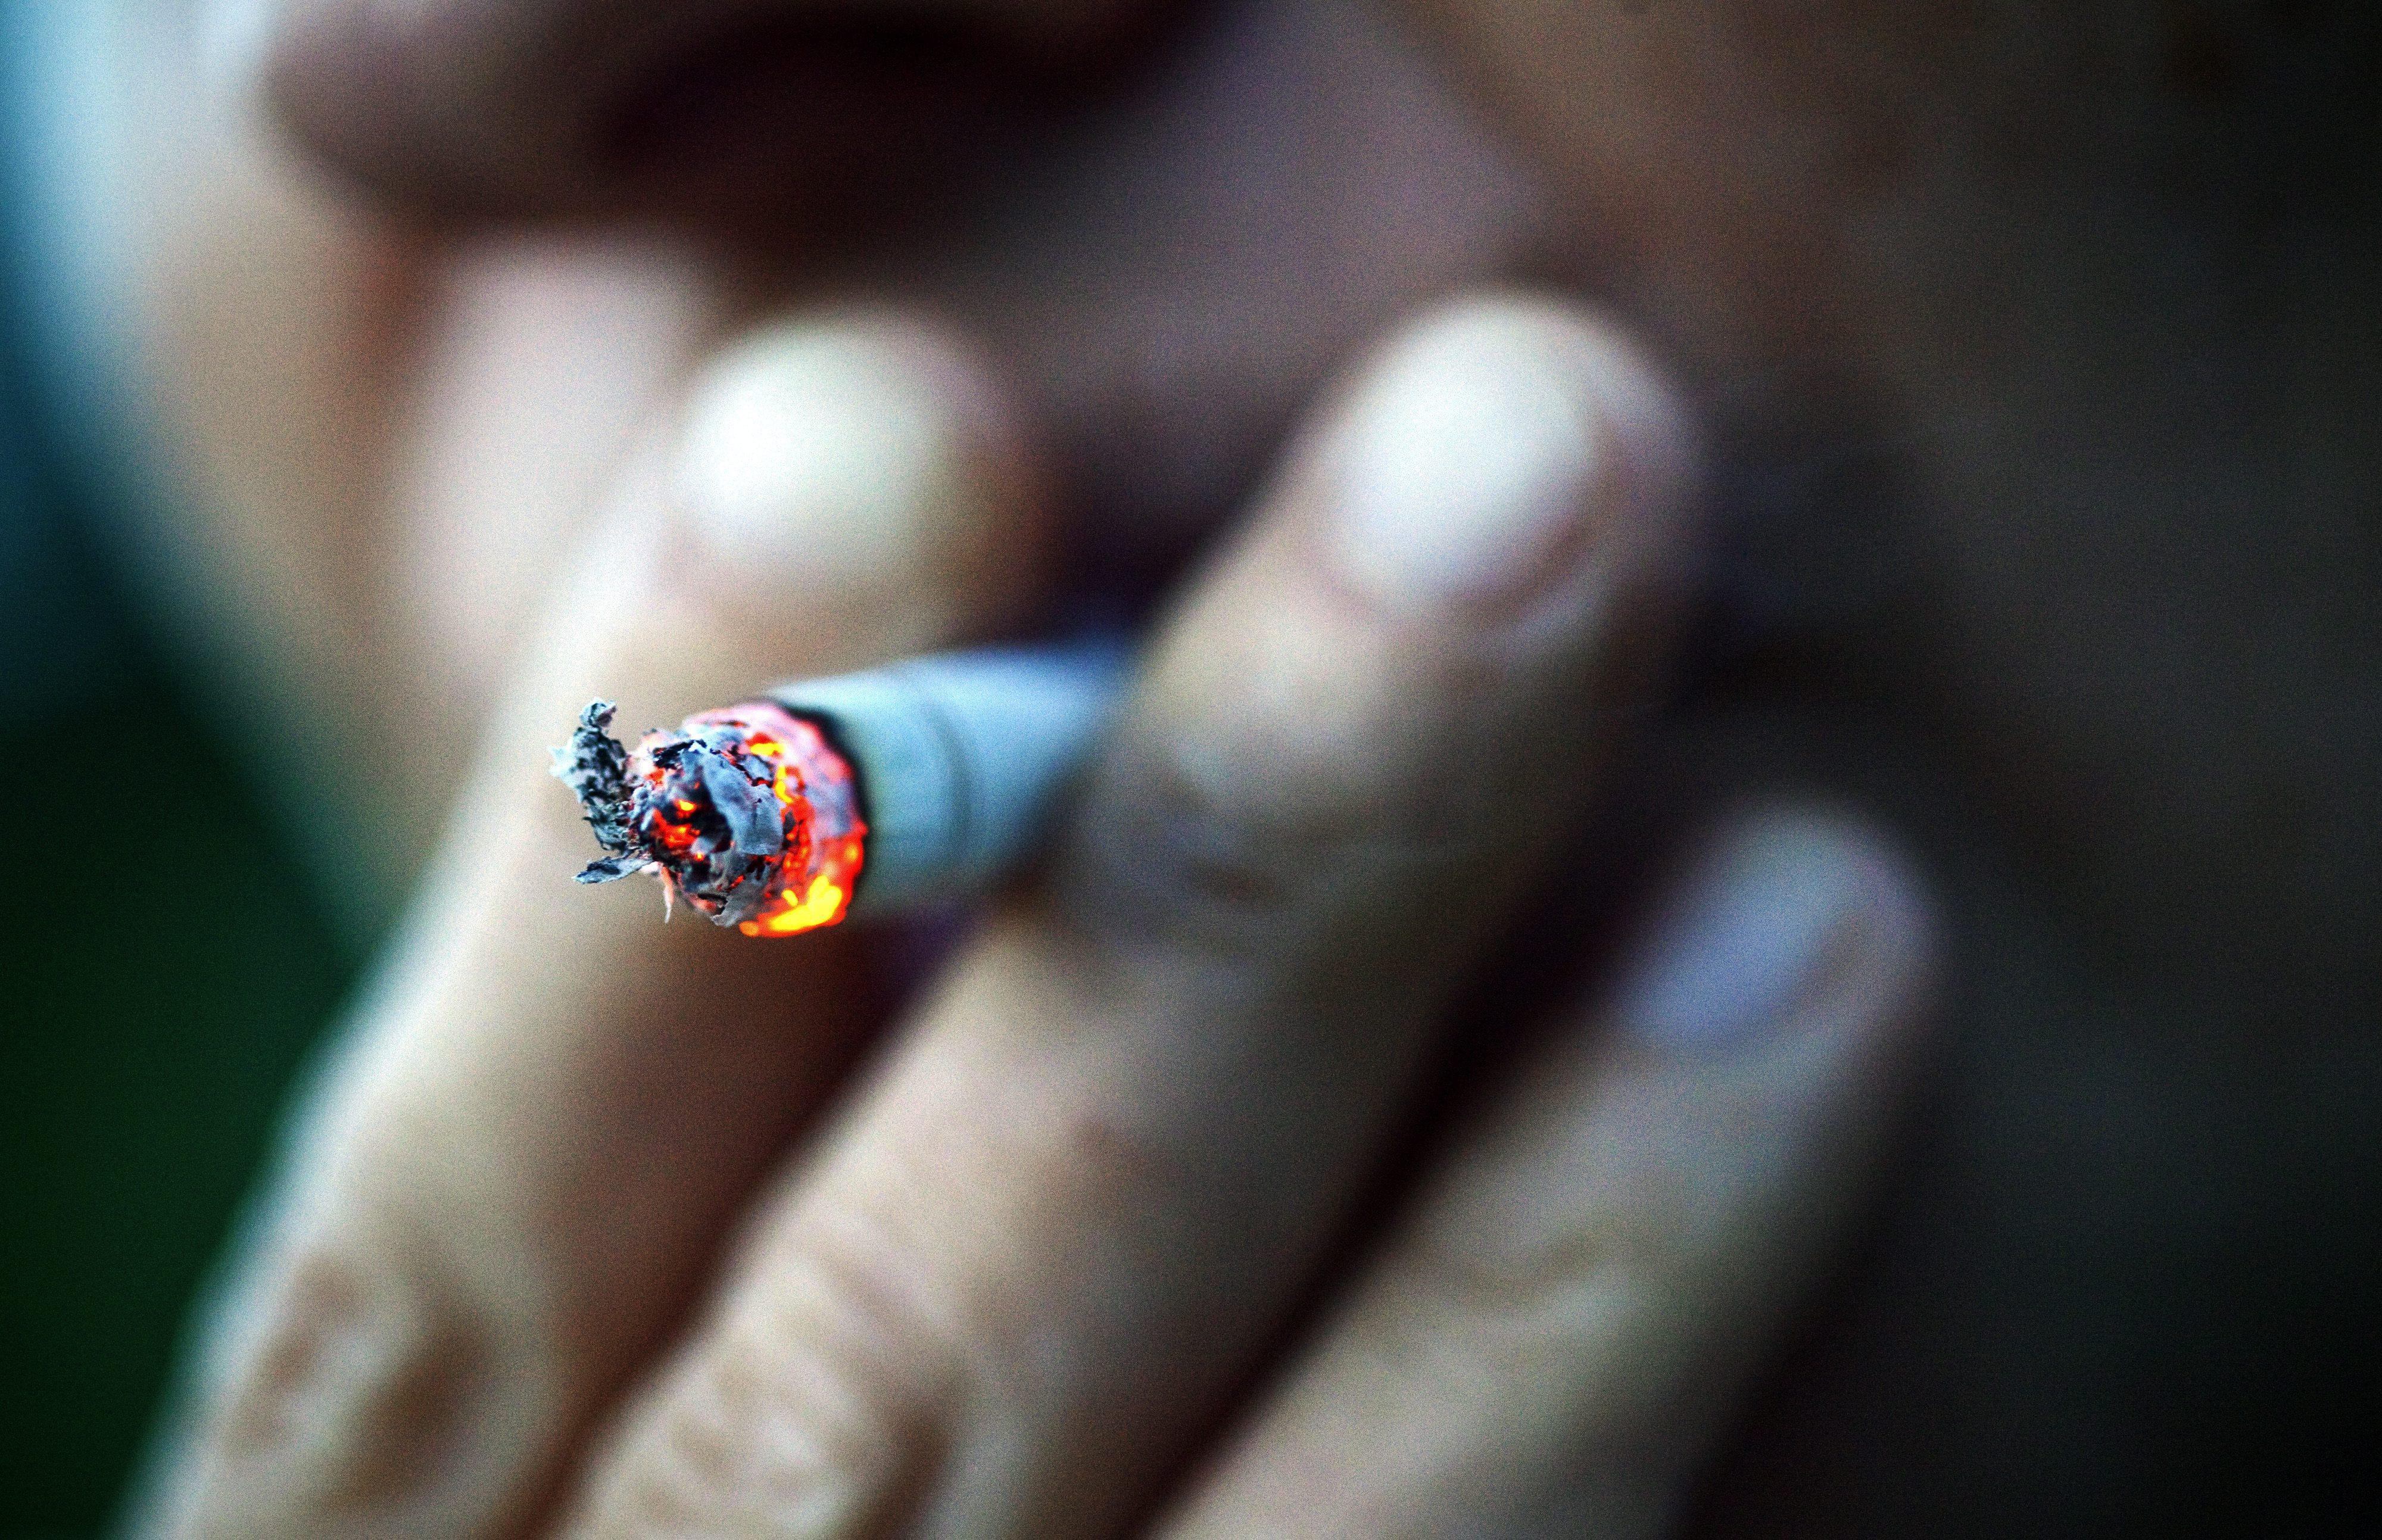 OMS quer convencer governos de que luta contra tabaco traz benefícios económicos